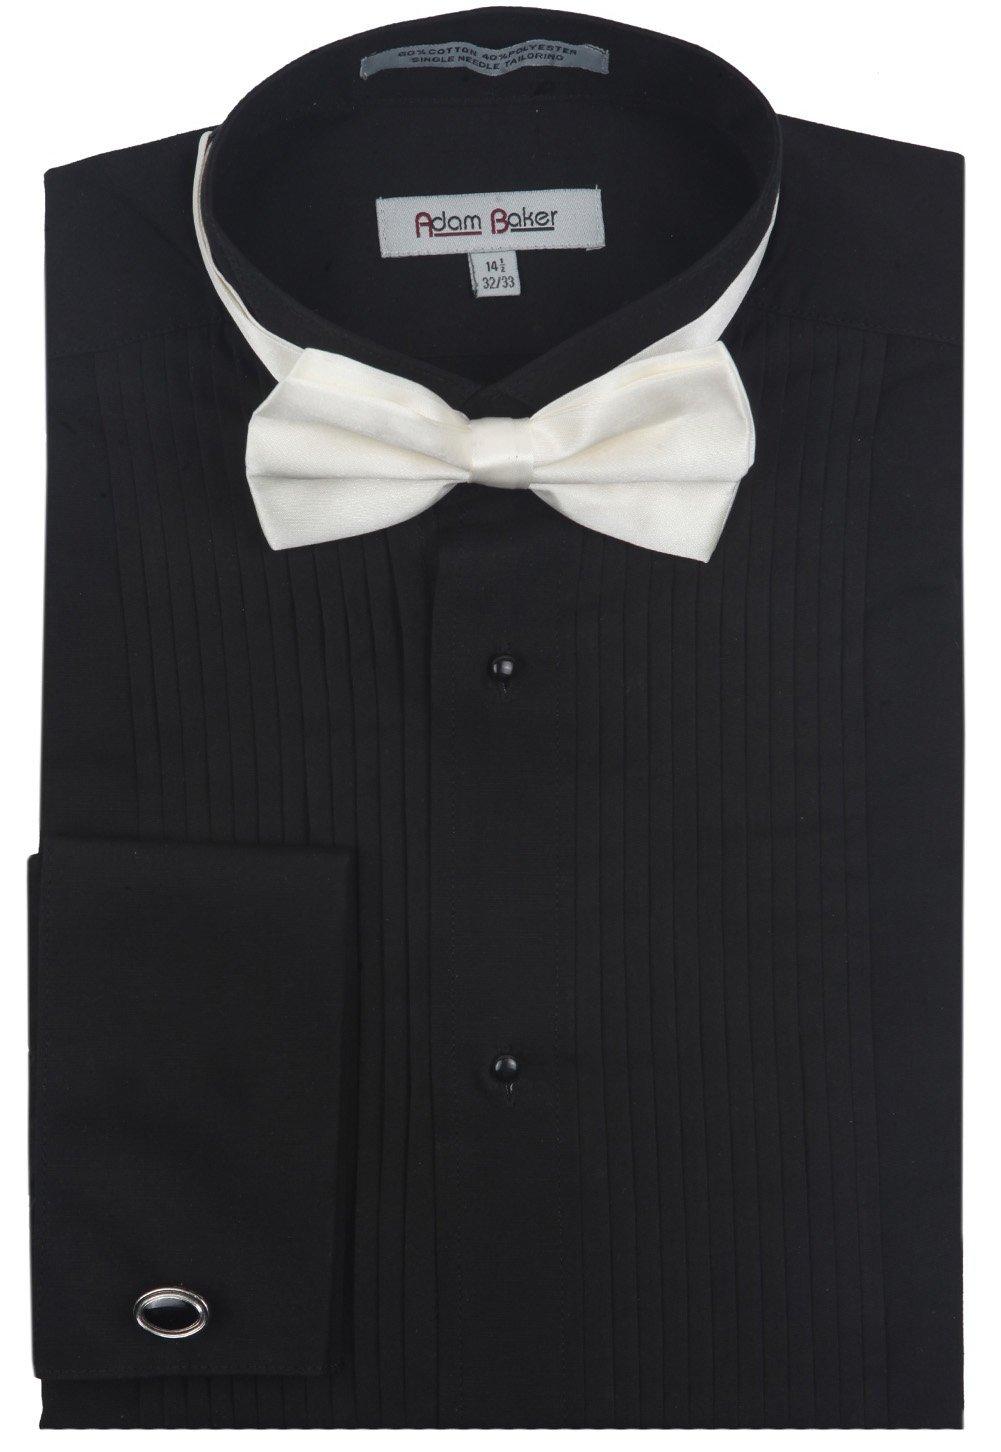 Adam Baker 1922 Men's Regular Fit Wingtip Collar French Cuff Tuxedo Shirt - Black - 18 6-7 by Adam Baker